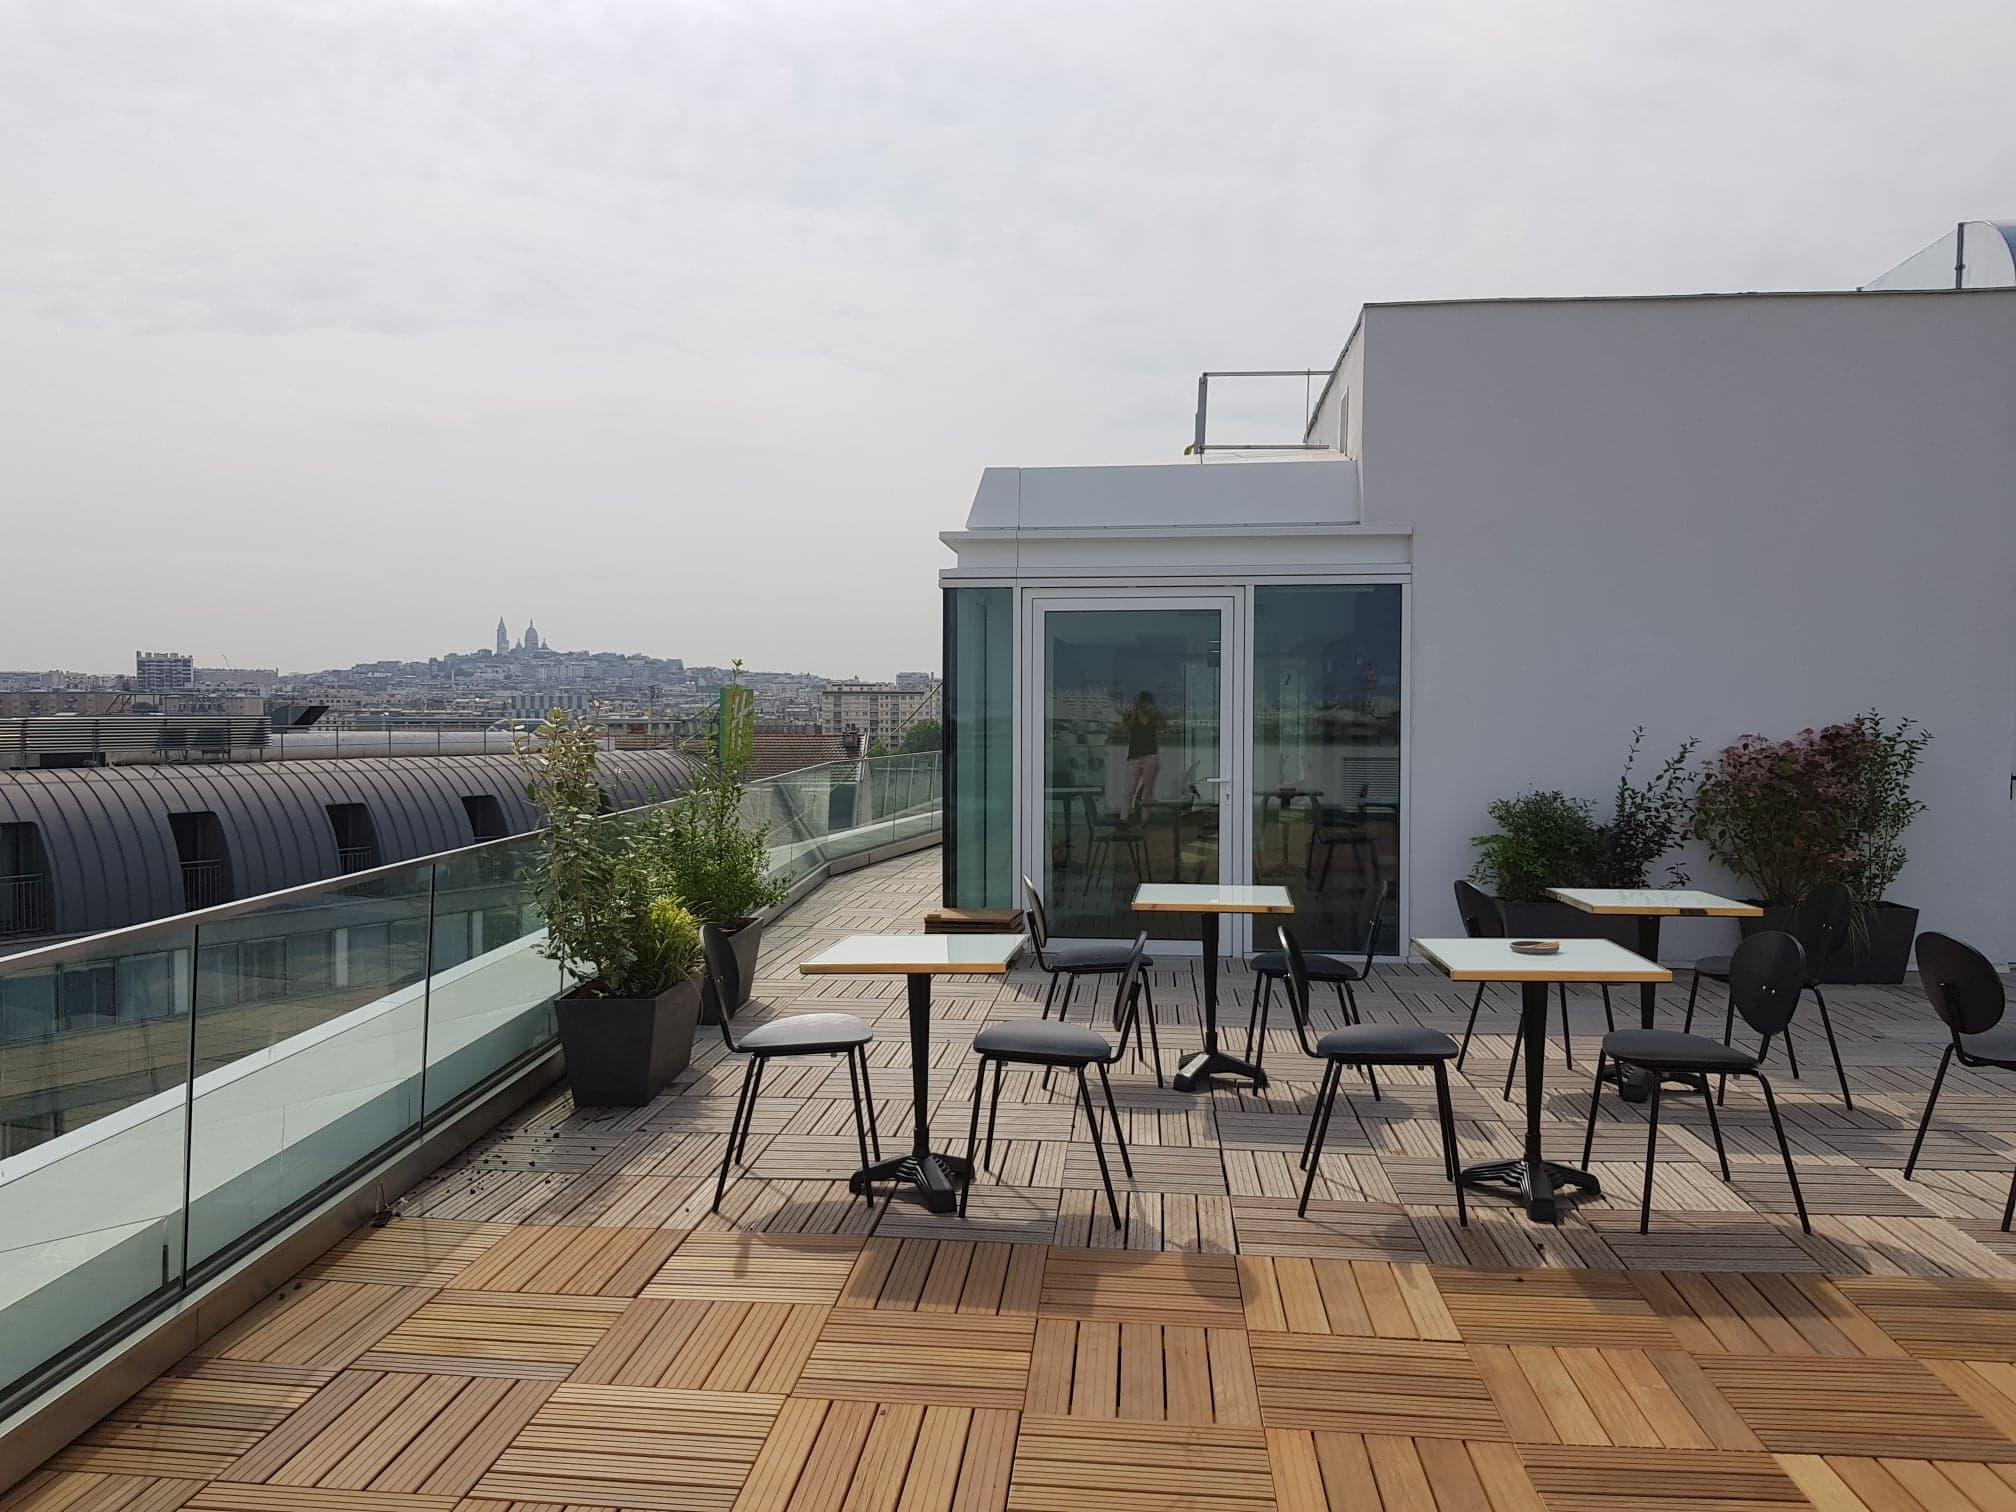 SnapEvent-Lieu-L-appartement-avec-terrasse-de-noemie-71975